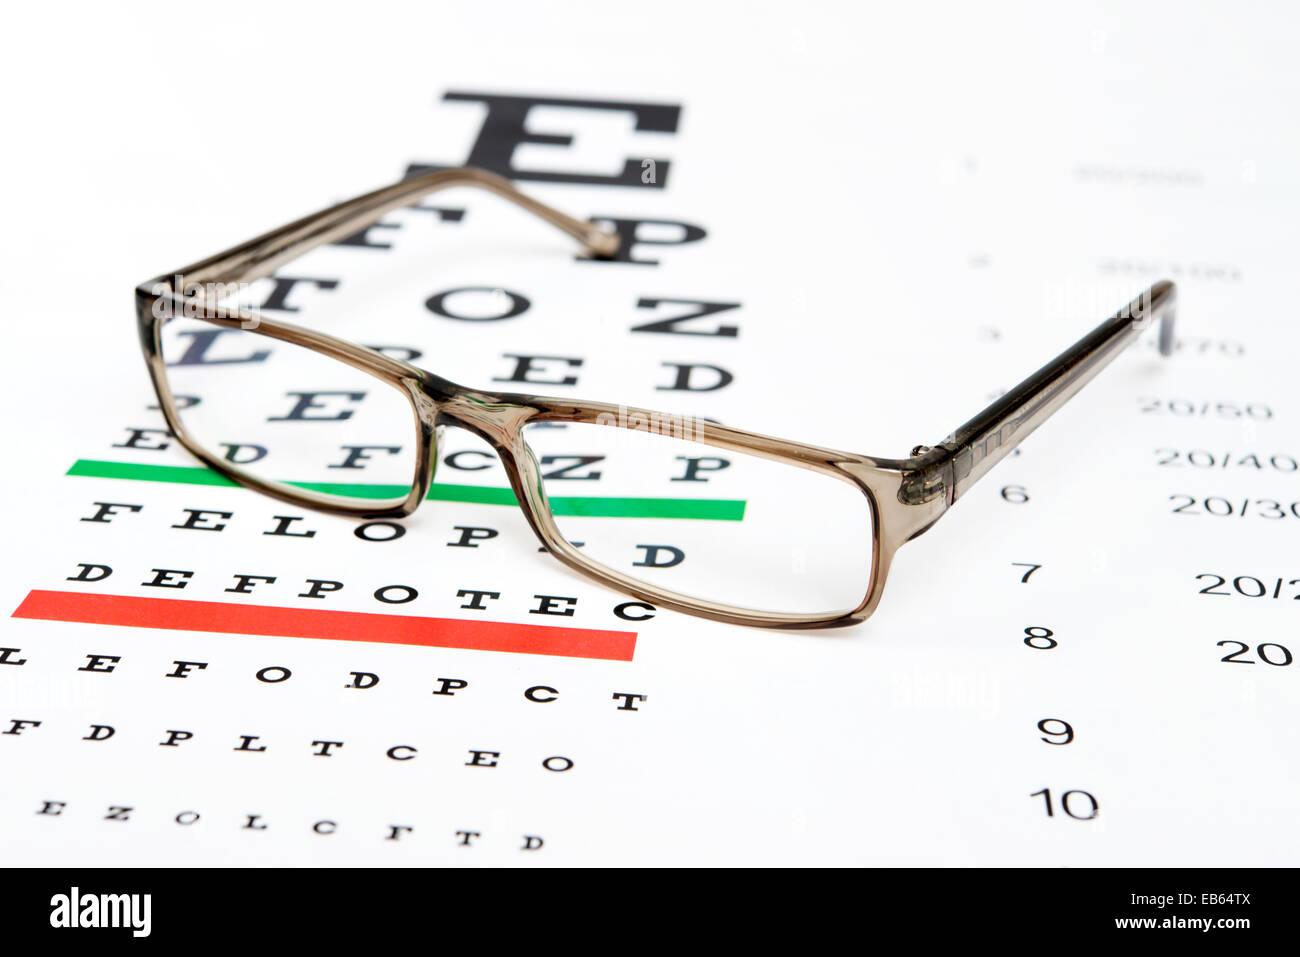 Eyeglasses on the eye chart background stock photo 75738234 alamy eyeglasses on the eye chart background nvjuhfo Choice Image